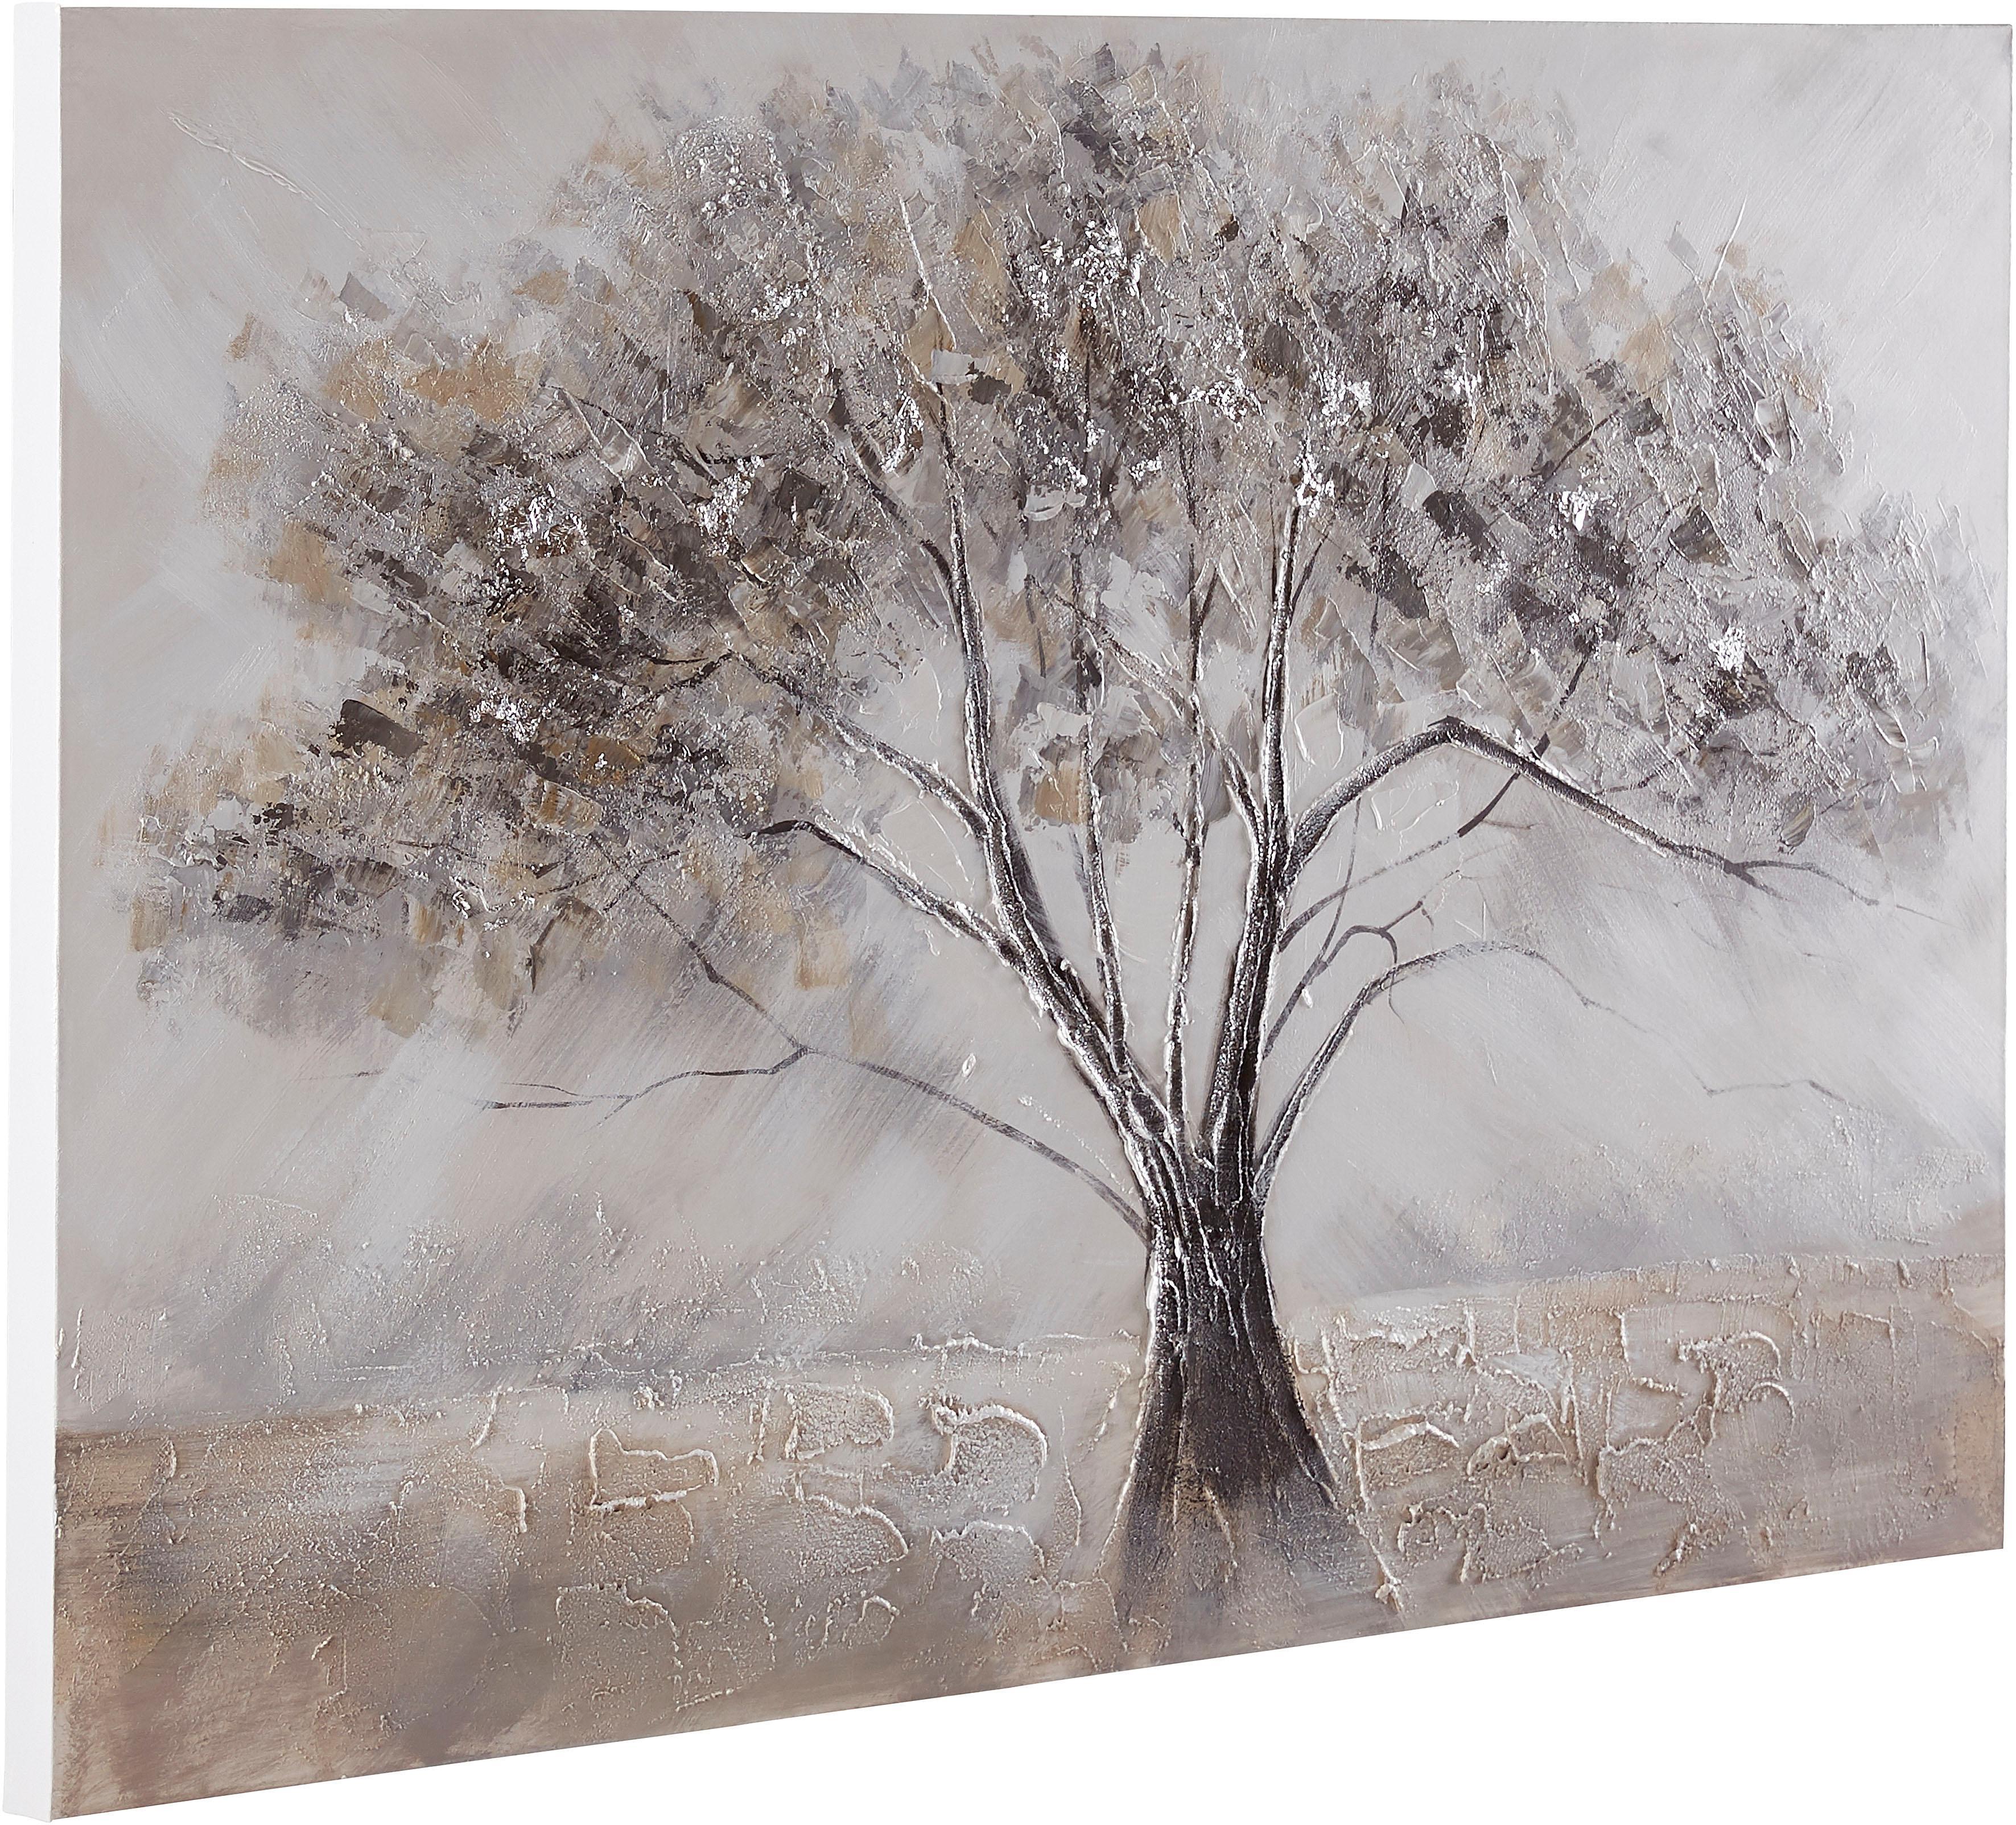 Premium collection by Home affaire Gemälde Tree I Wohnen/Accessoires & Leuchten/Wohnaccessoires/Bilder & Bilderrahmen/Gemälde